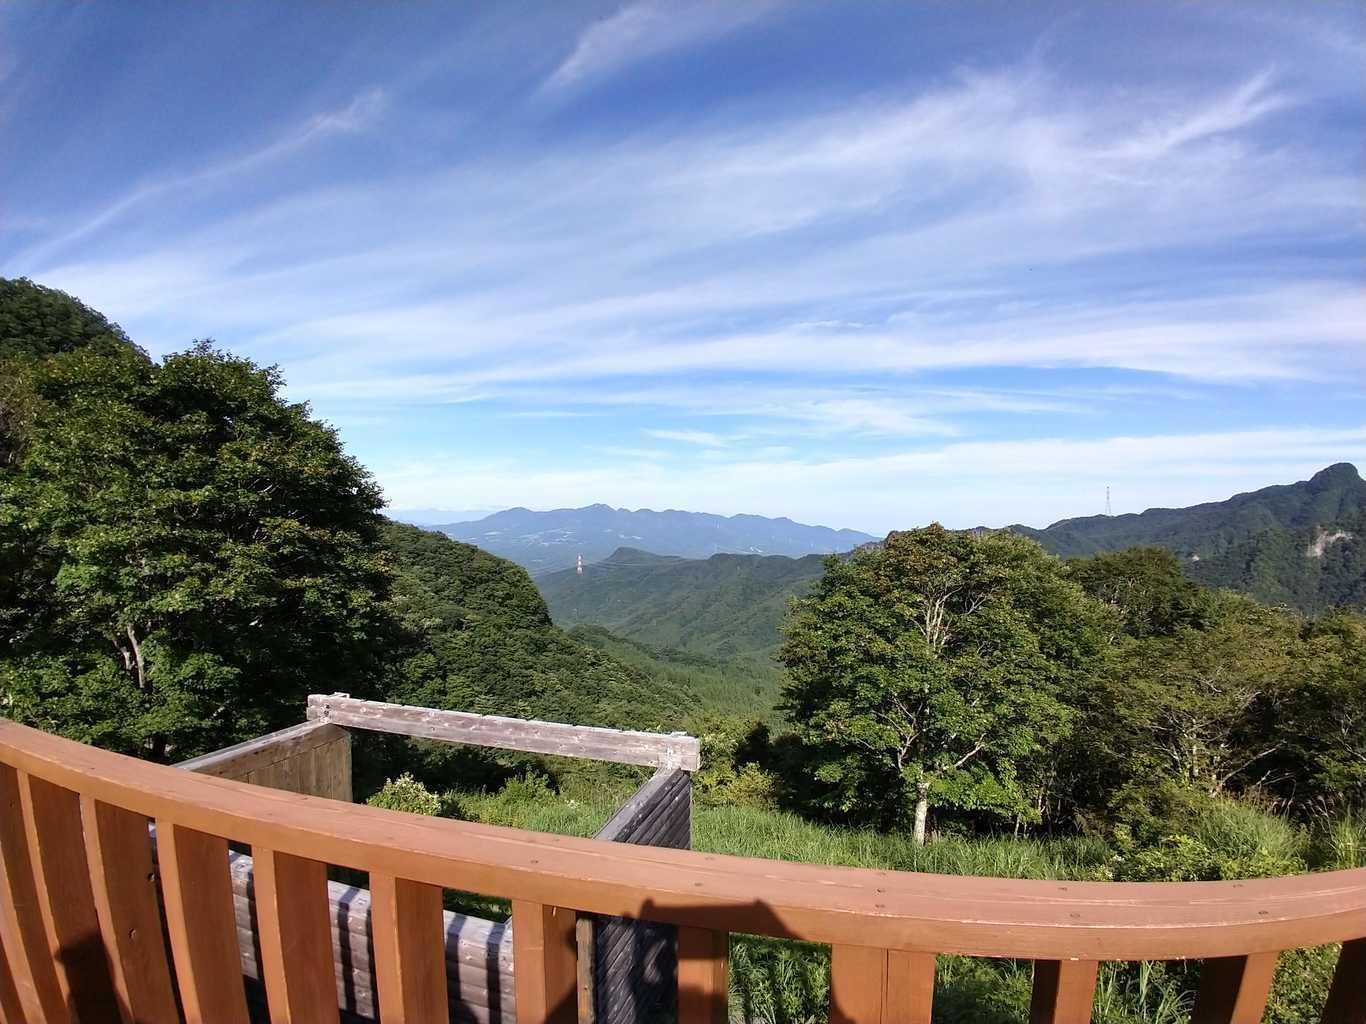 わらび平森林公園キャンプ場 の写真p